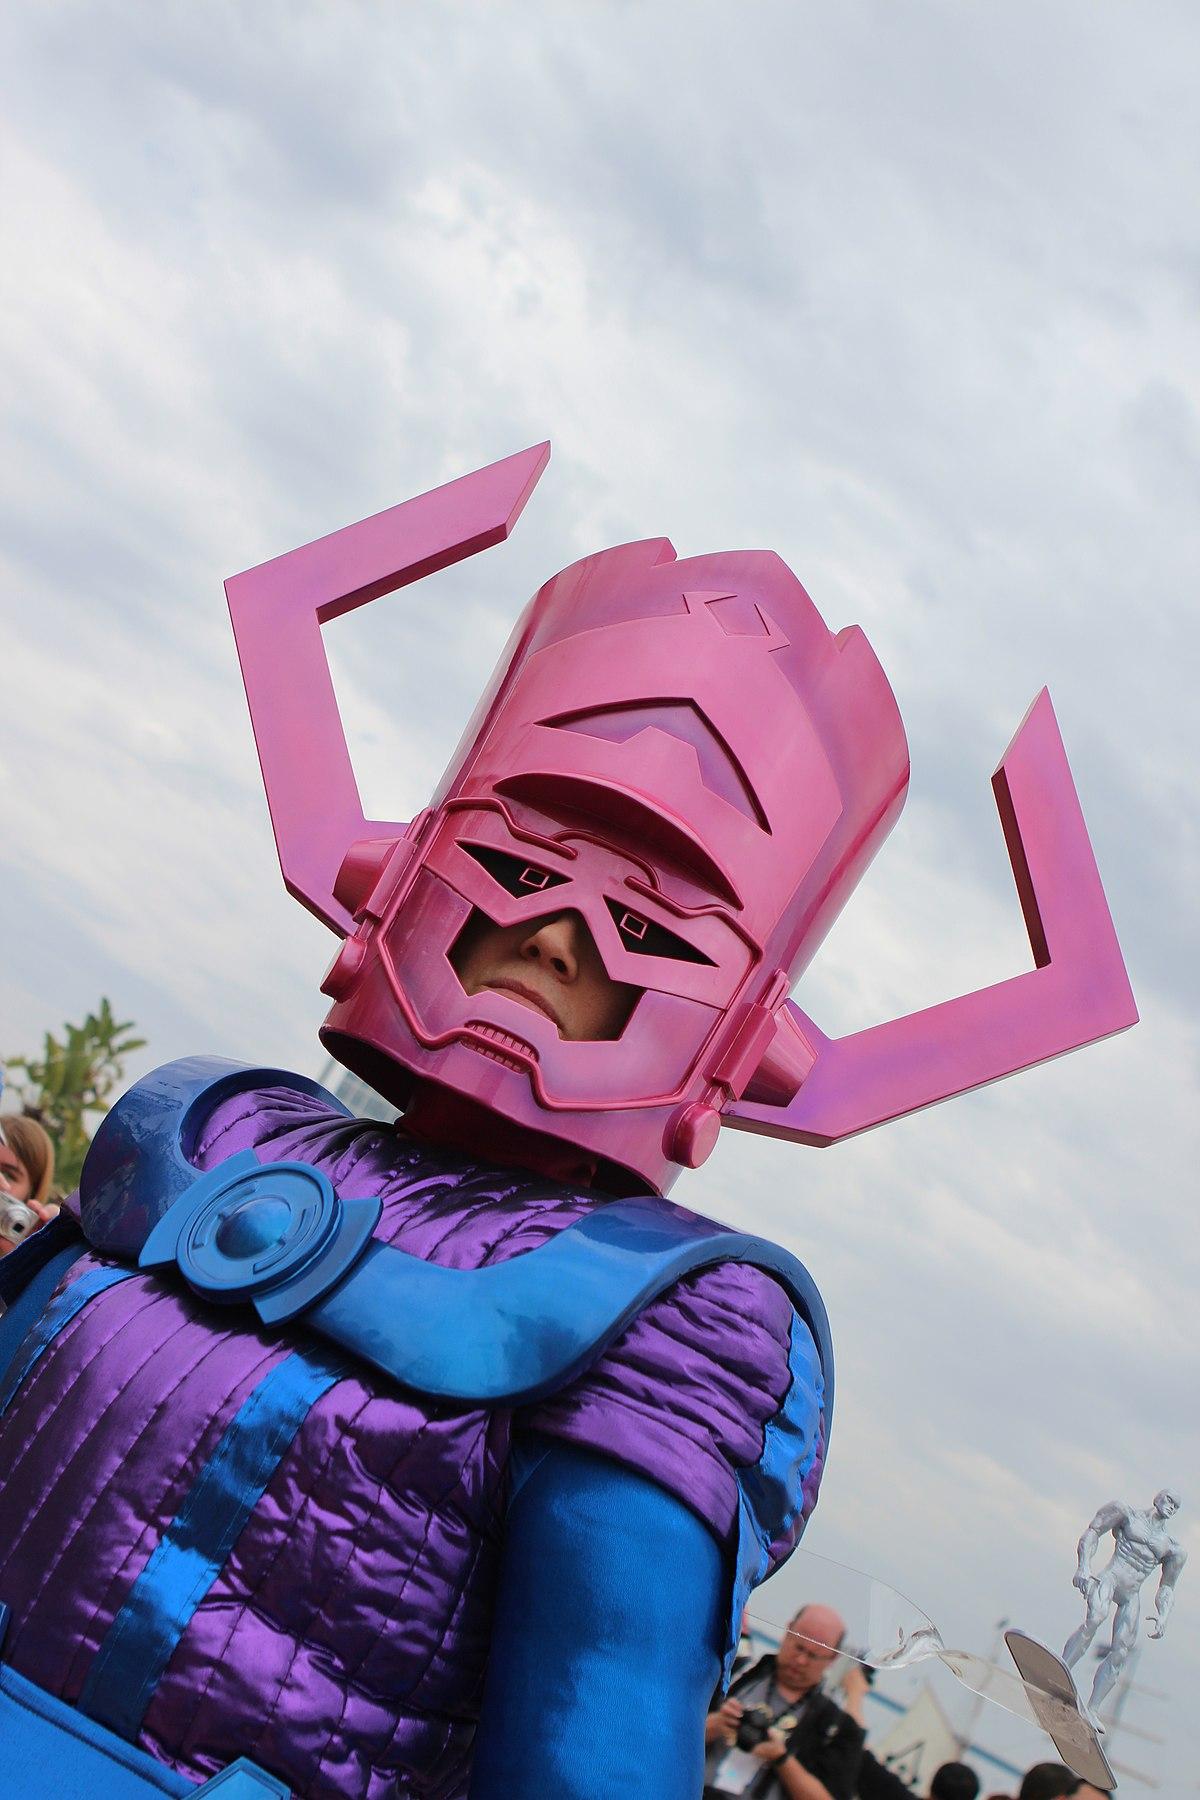 Galactus – Wikipedia